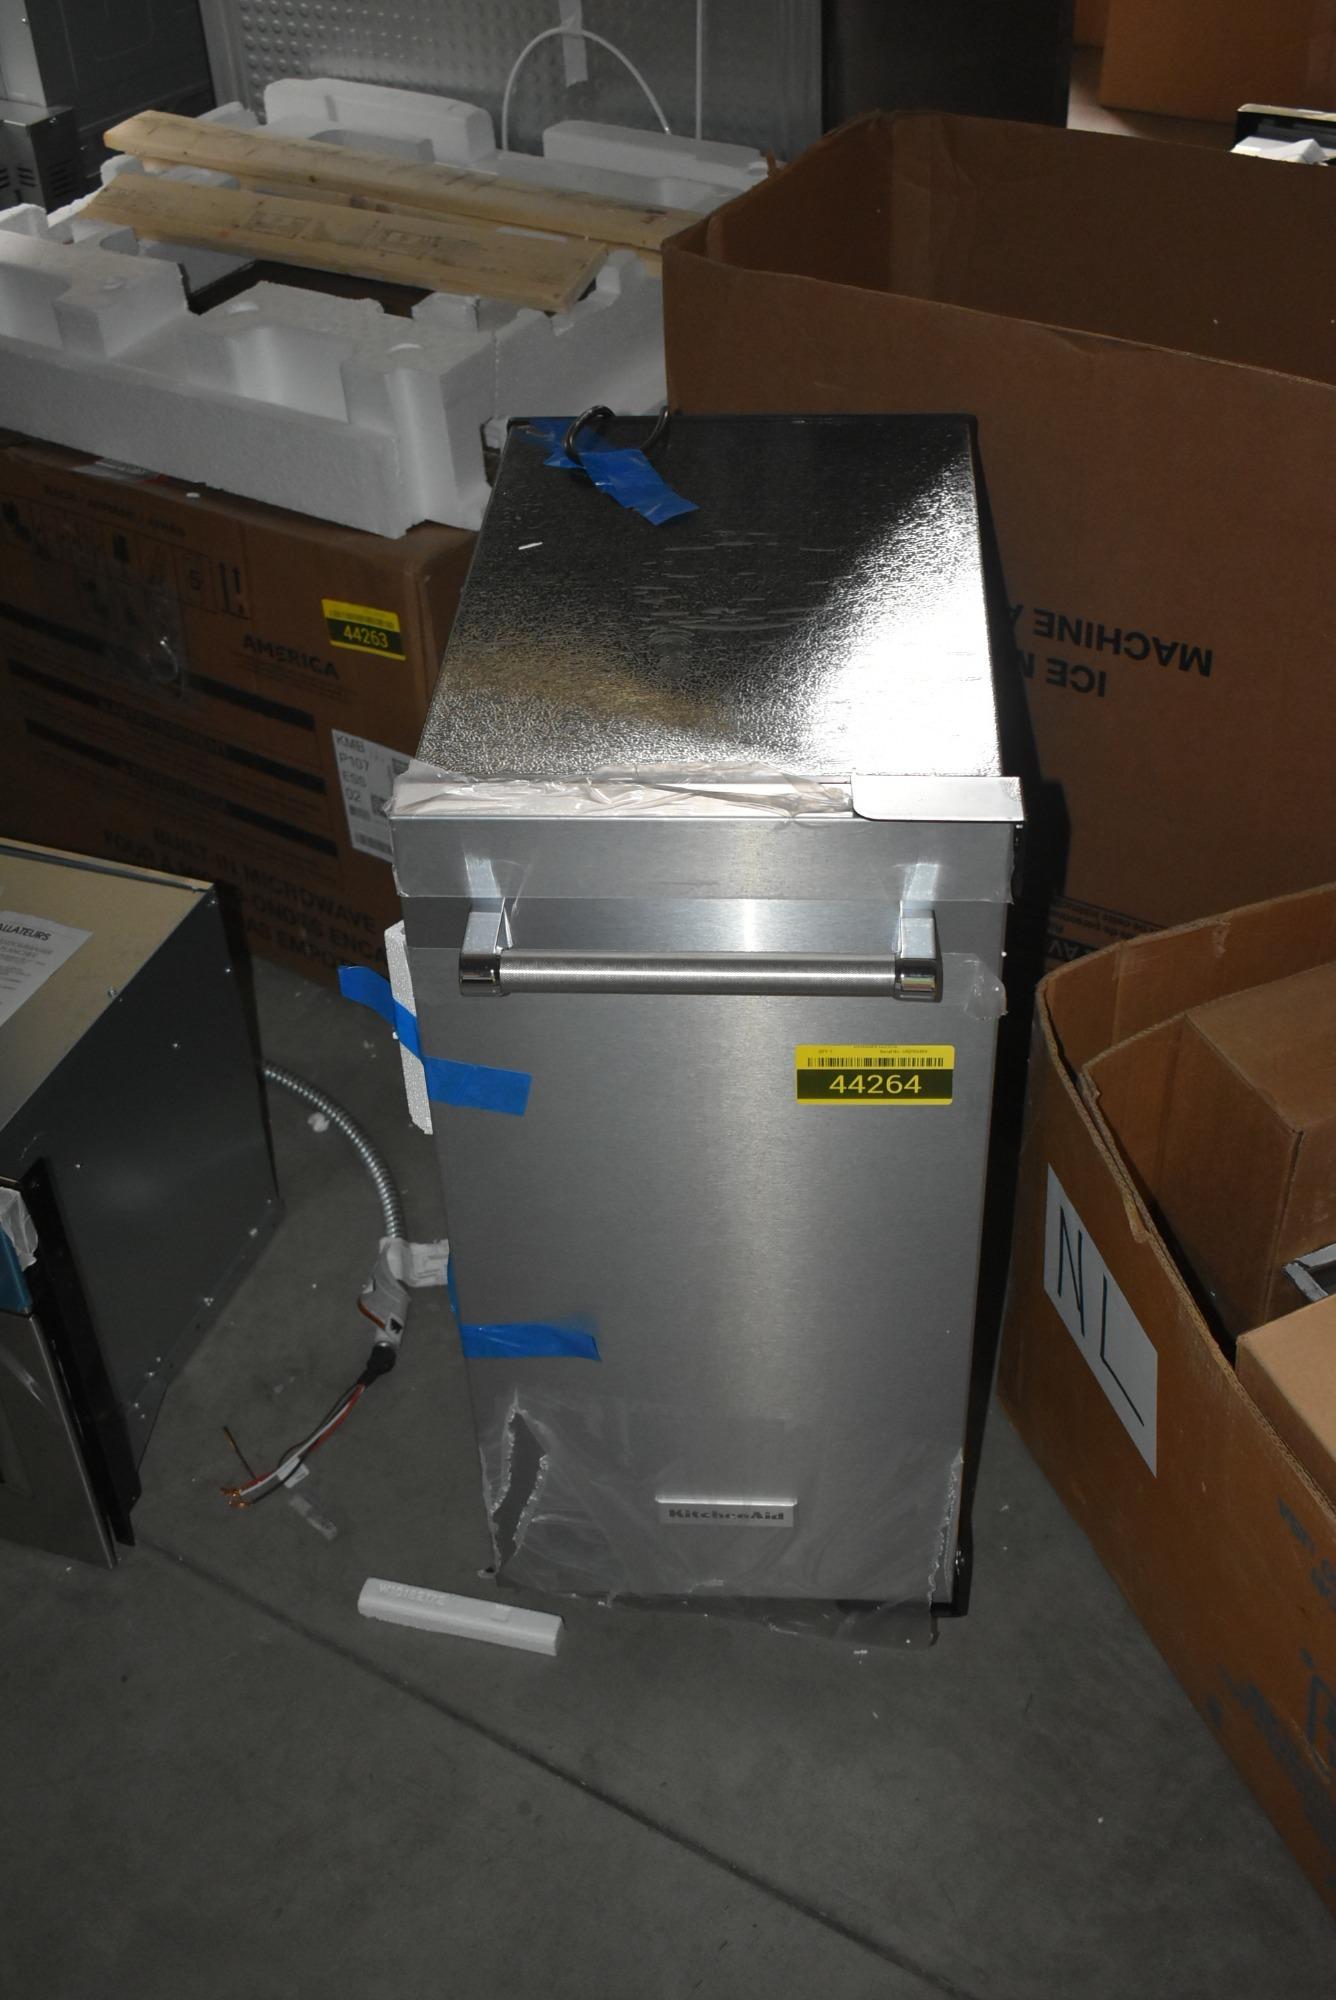 KitchenAid KUIX535HPS 15